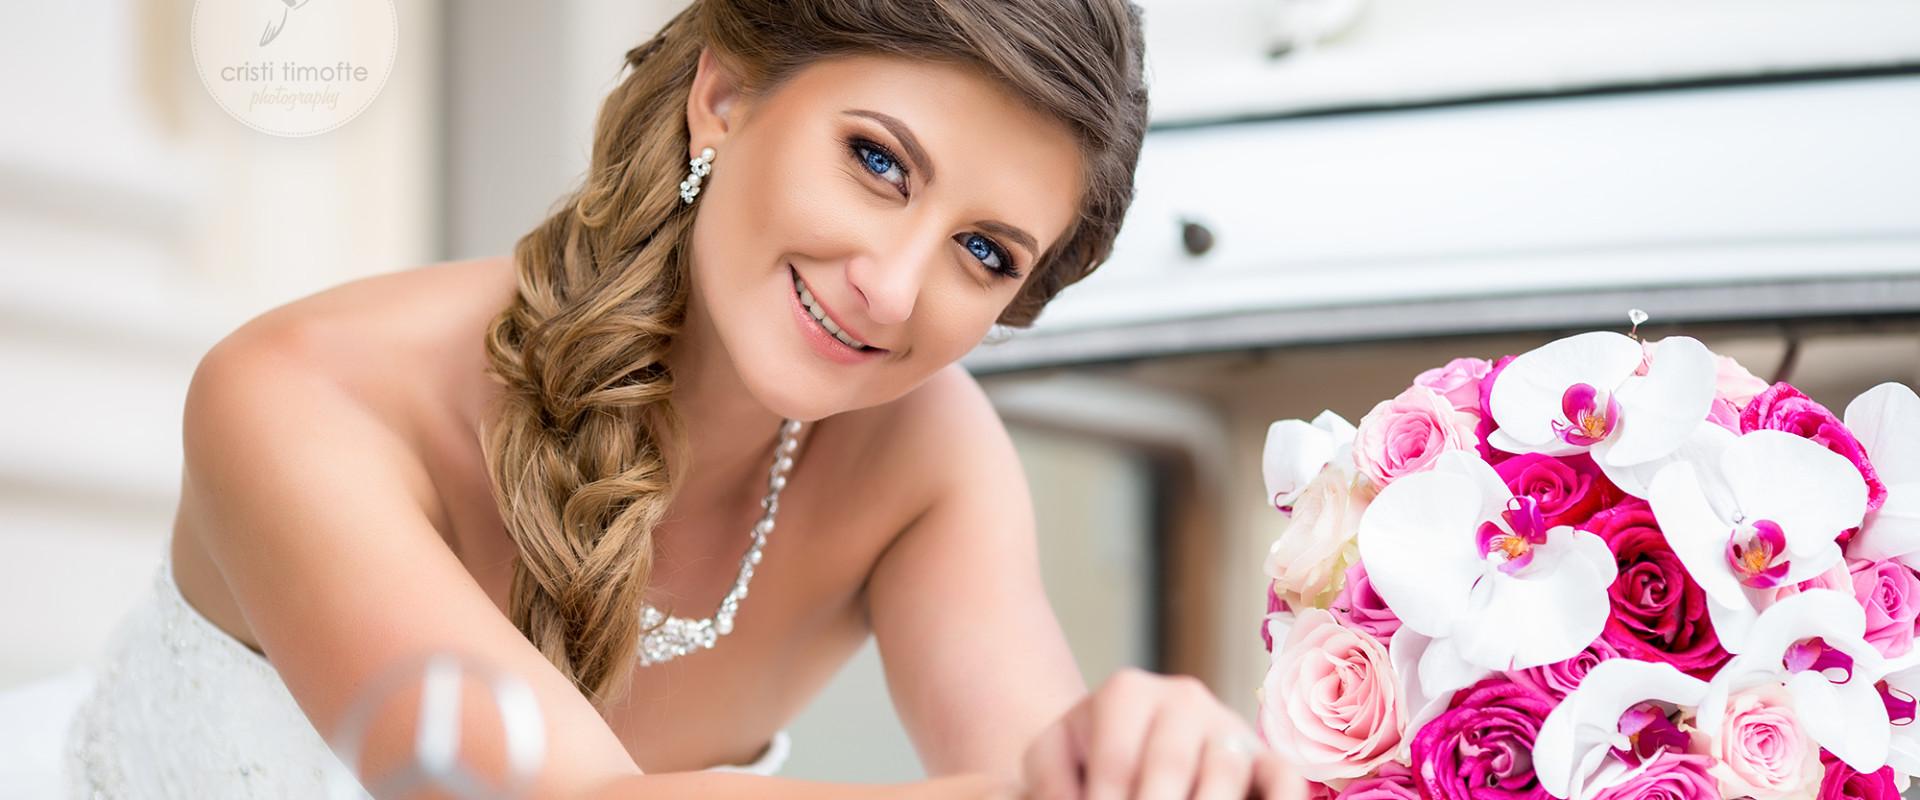 fotograf nunta forum